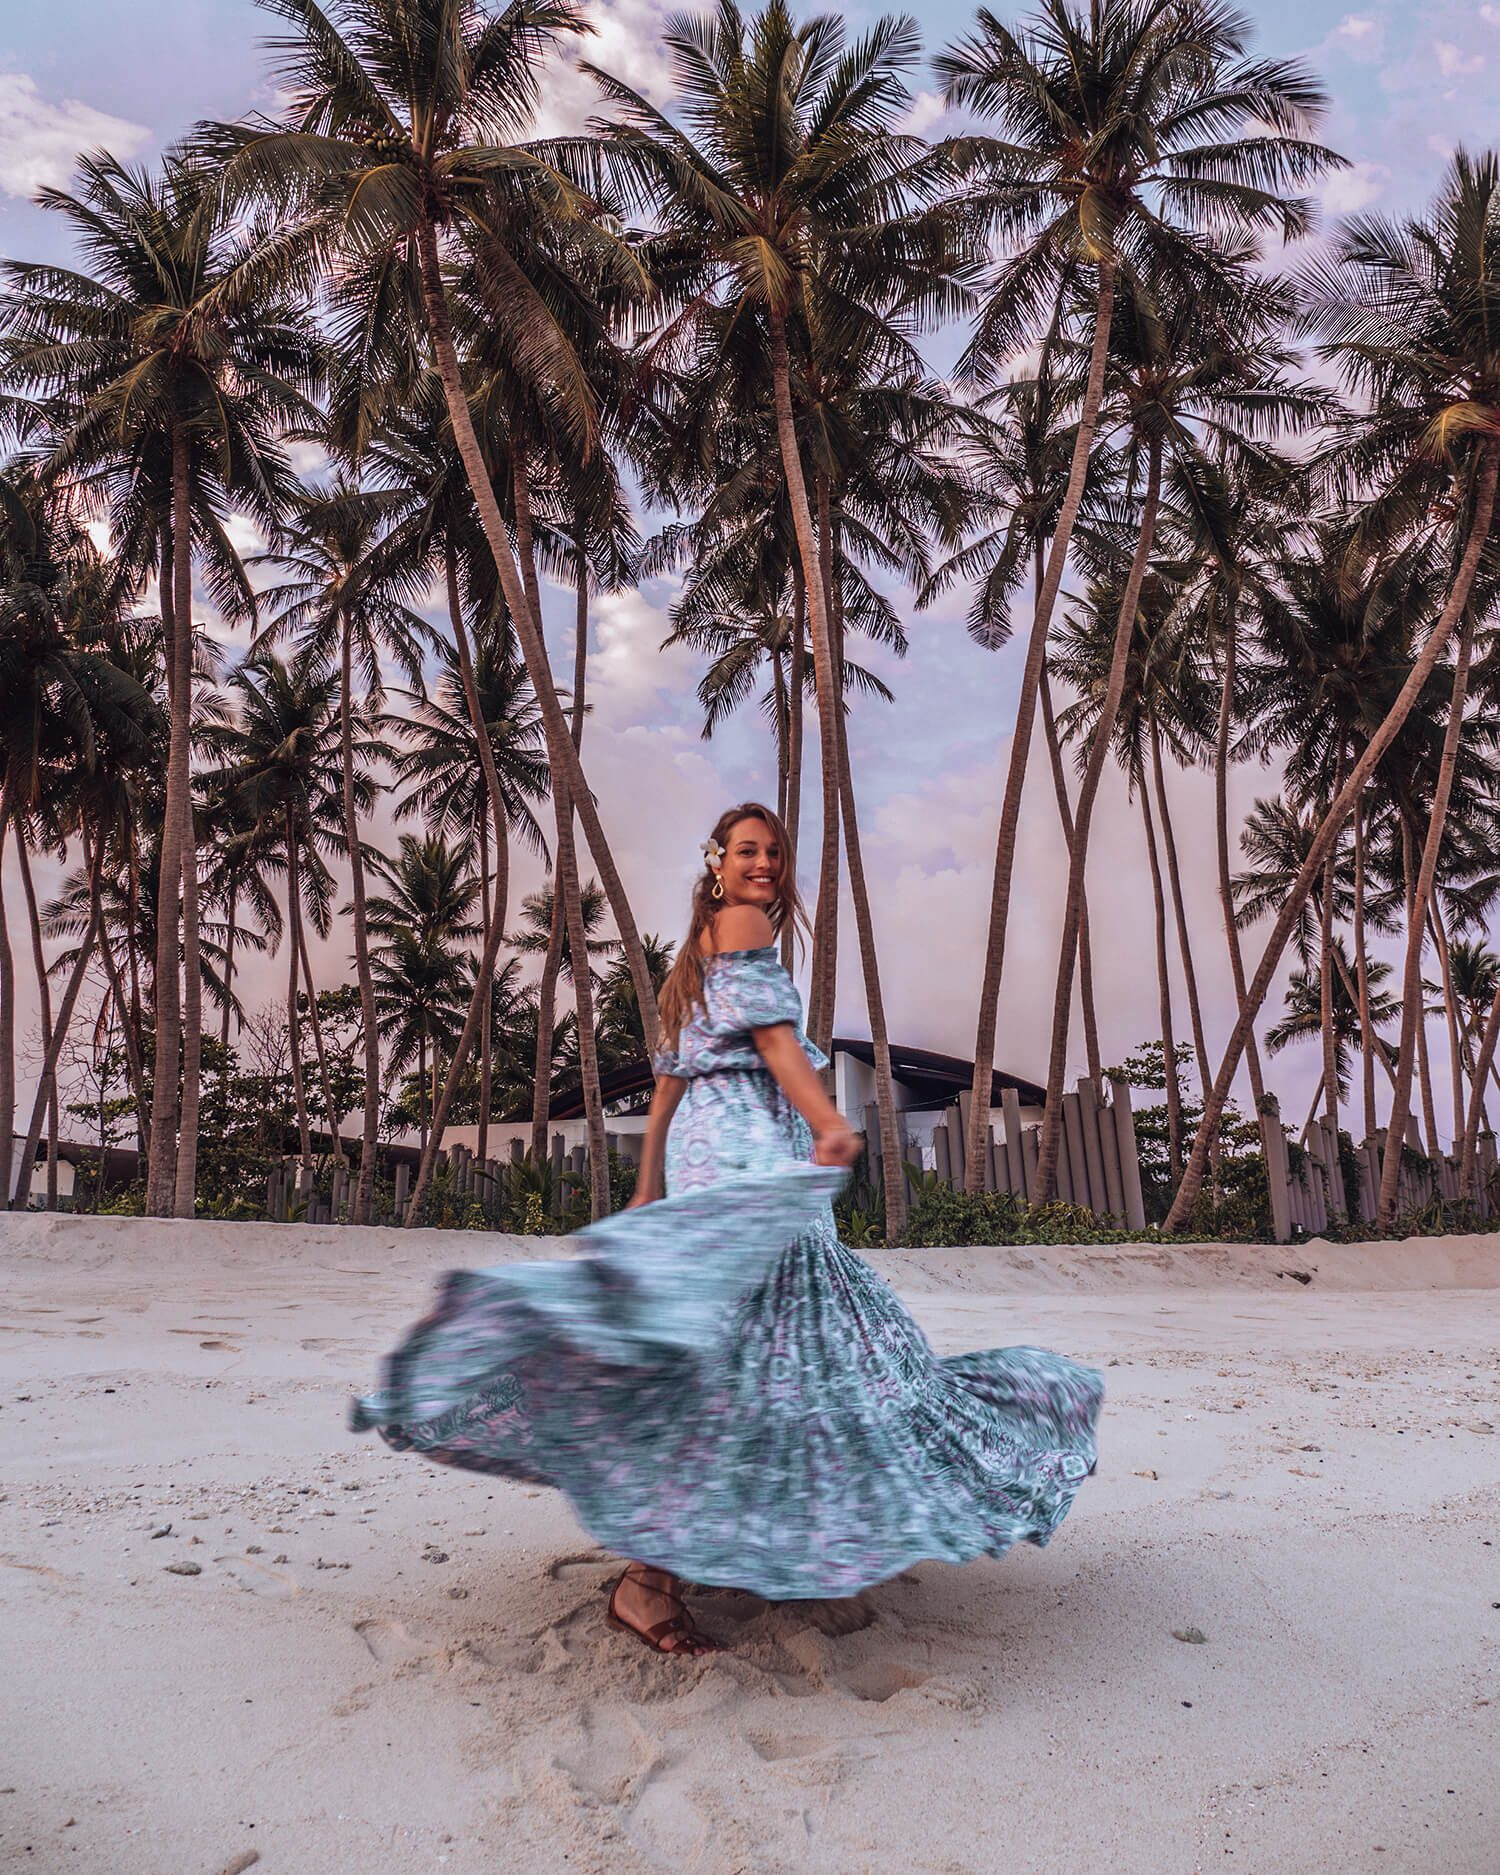 Maldives Dreaming – Westin Miriandhoo